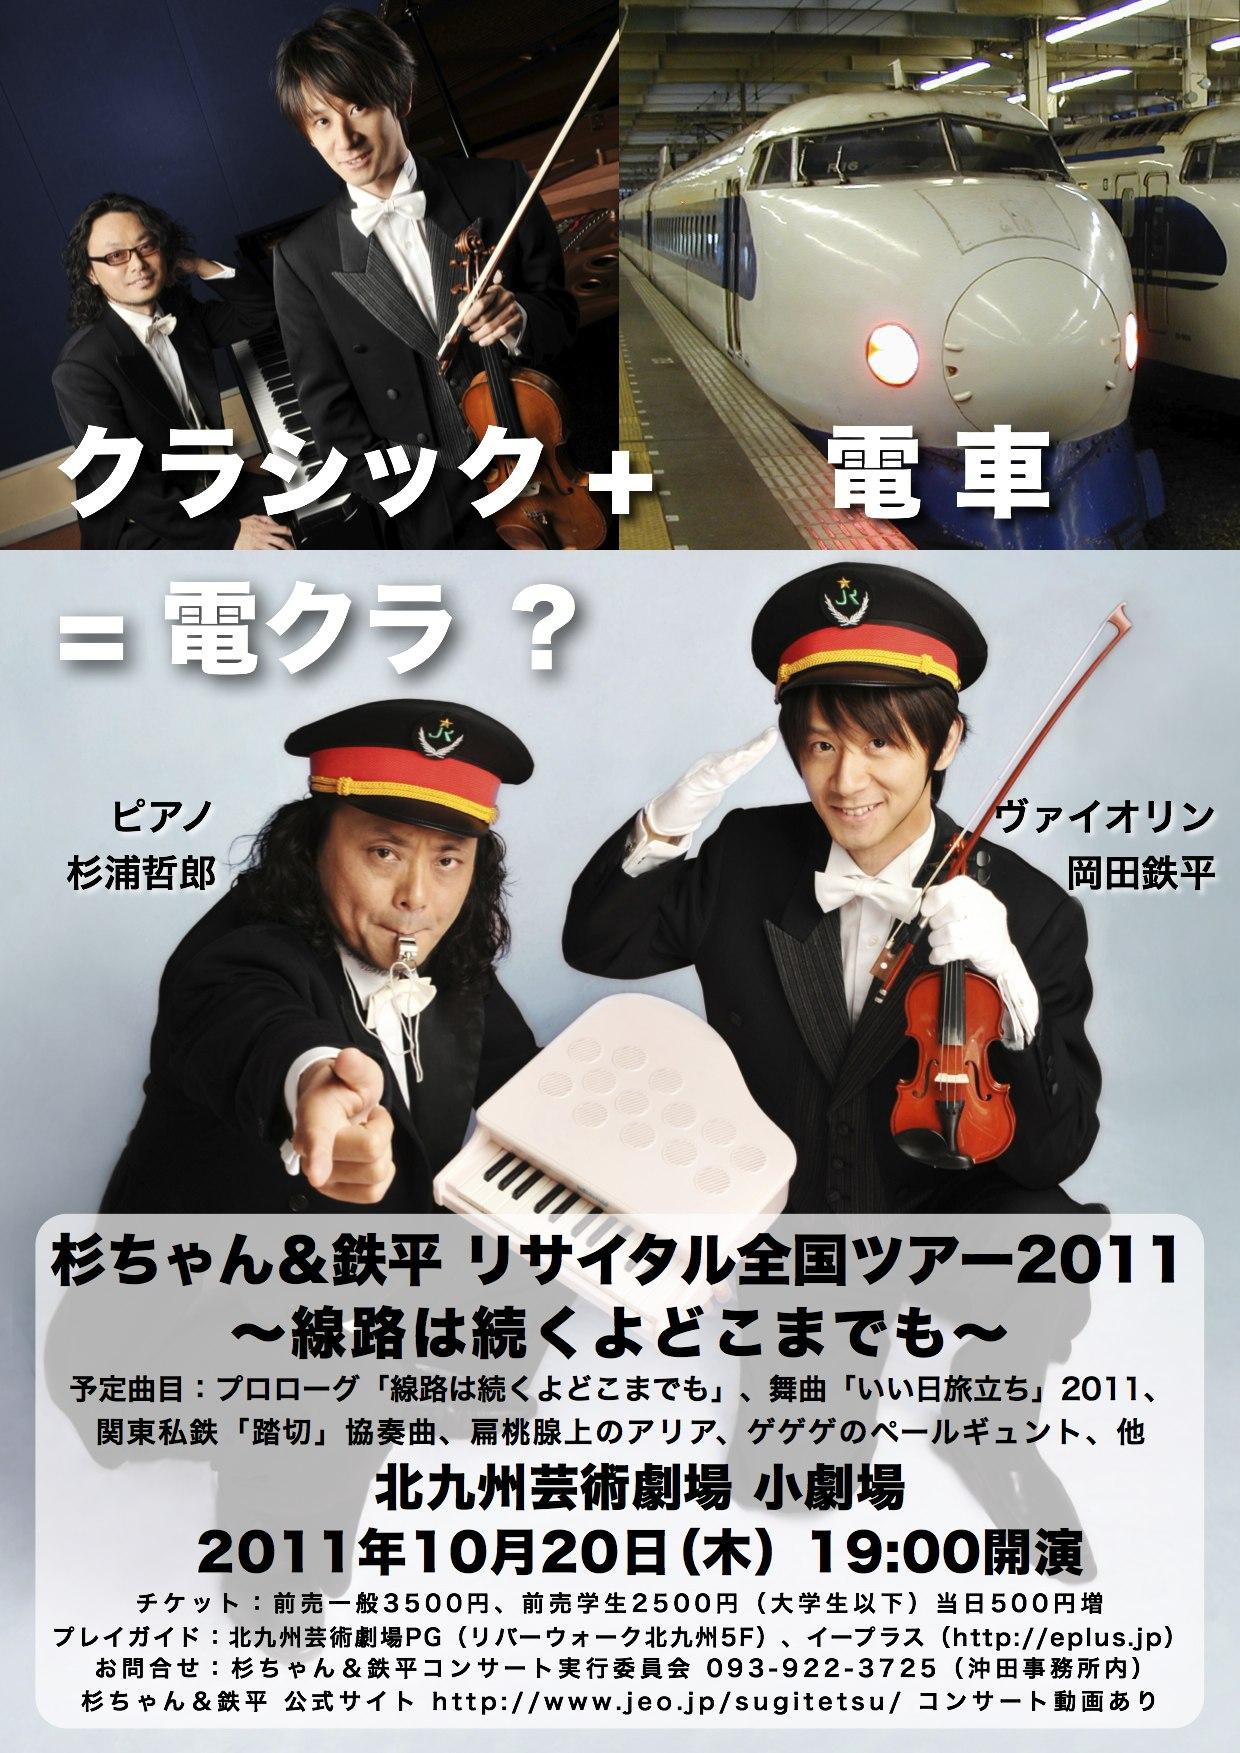 10月20日、杉ちゃん&鉄平 リサイタル全国ツアー2011 at 小倉_b0028732_23295035.jpg